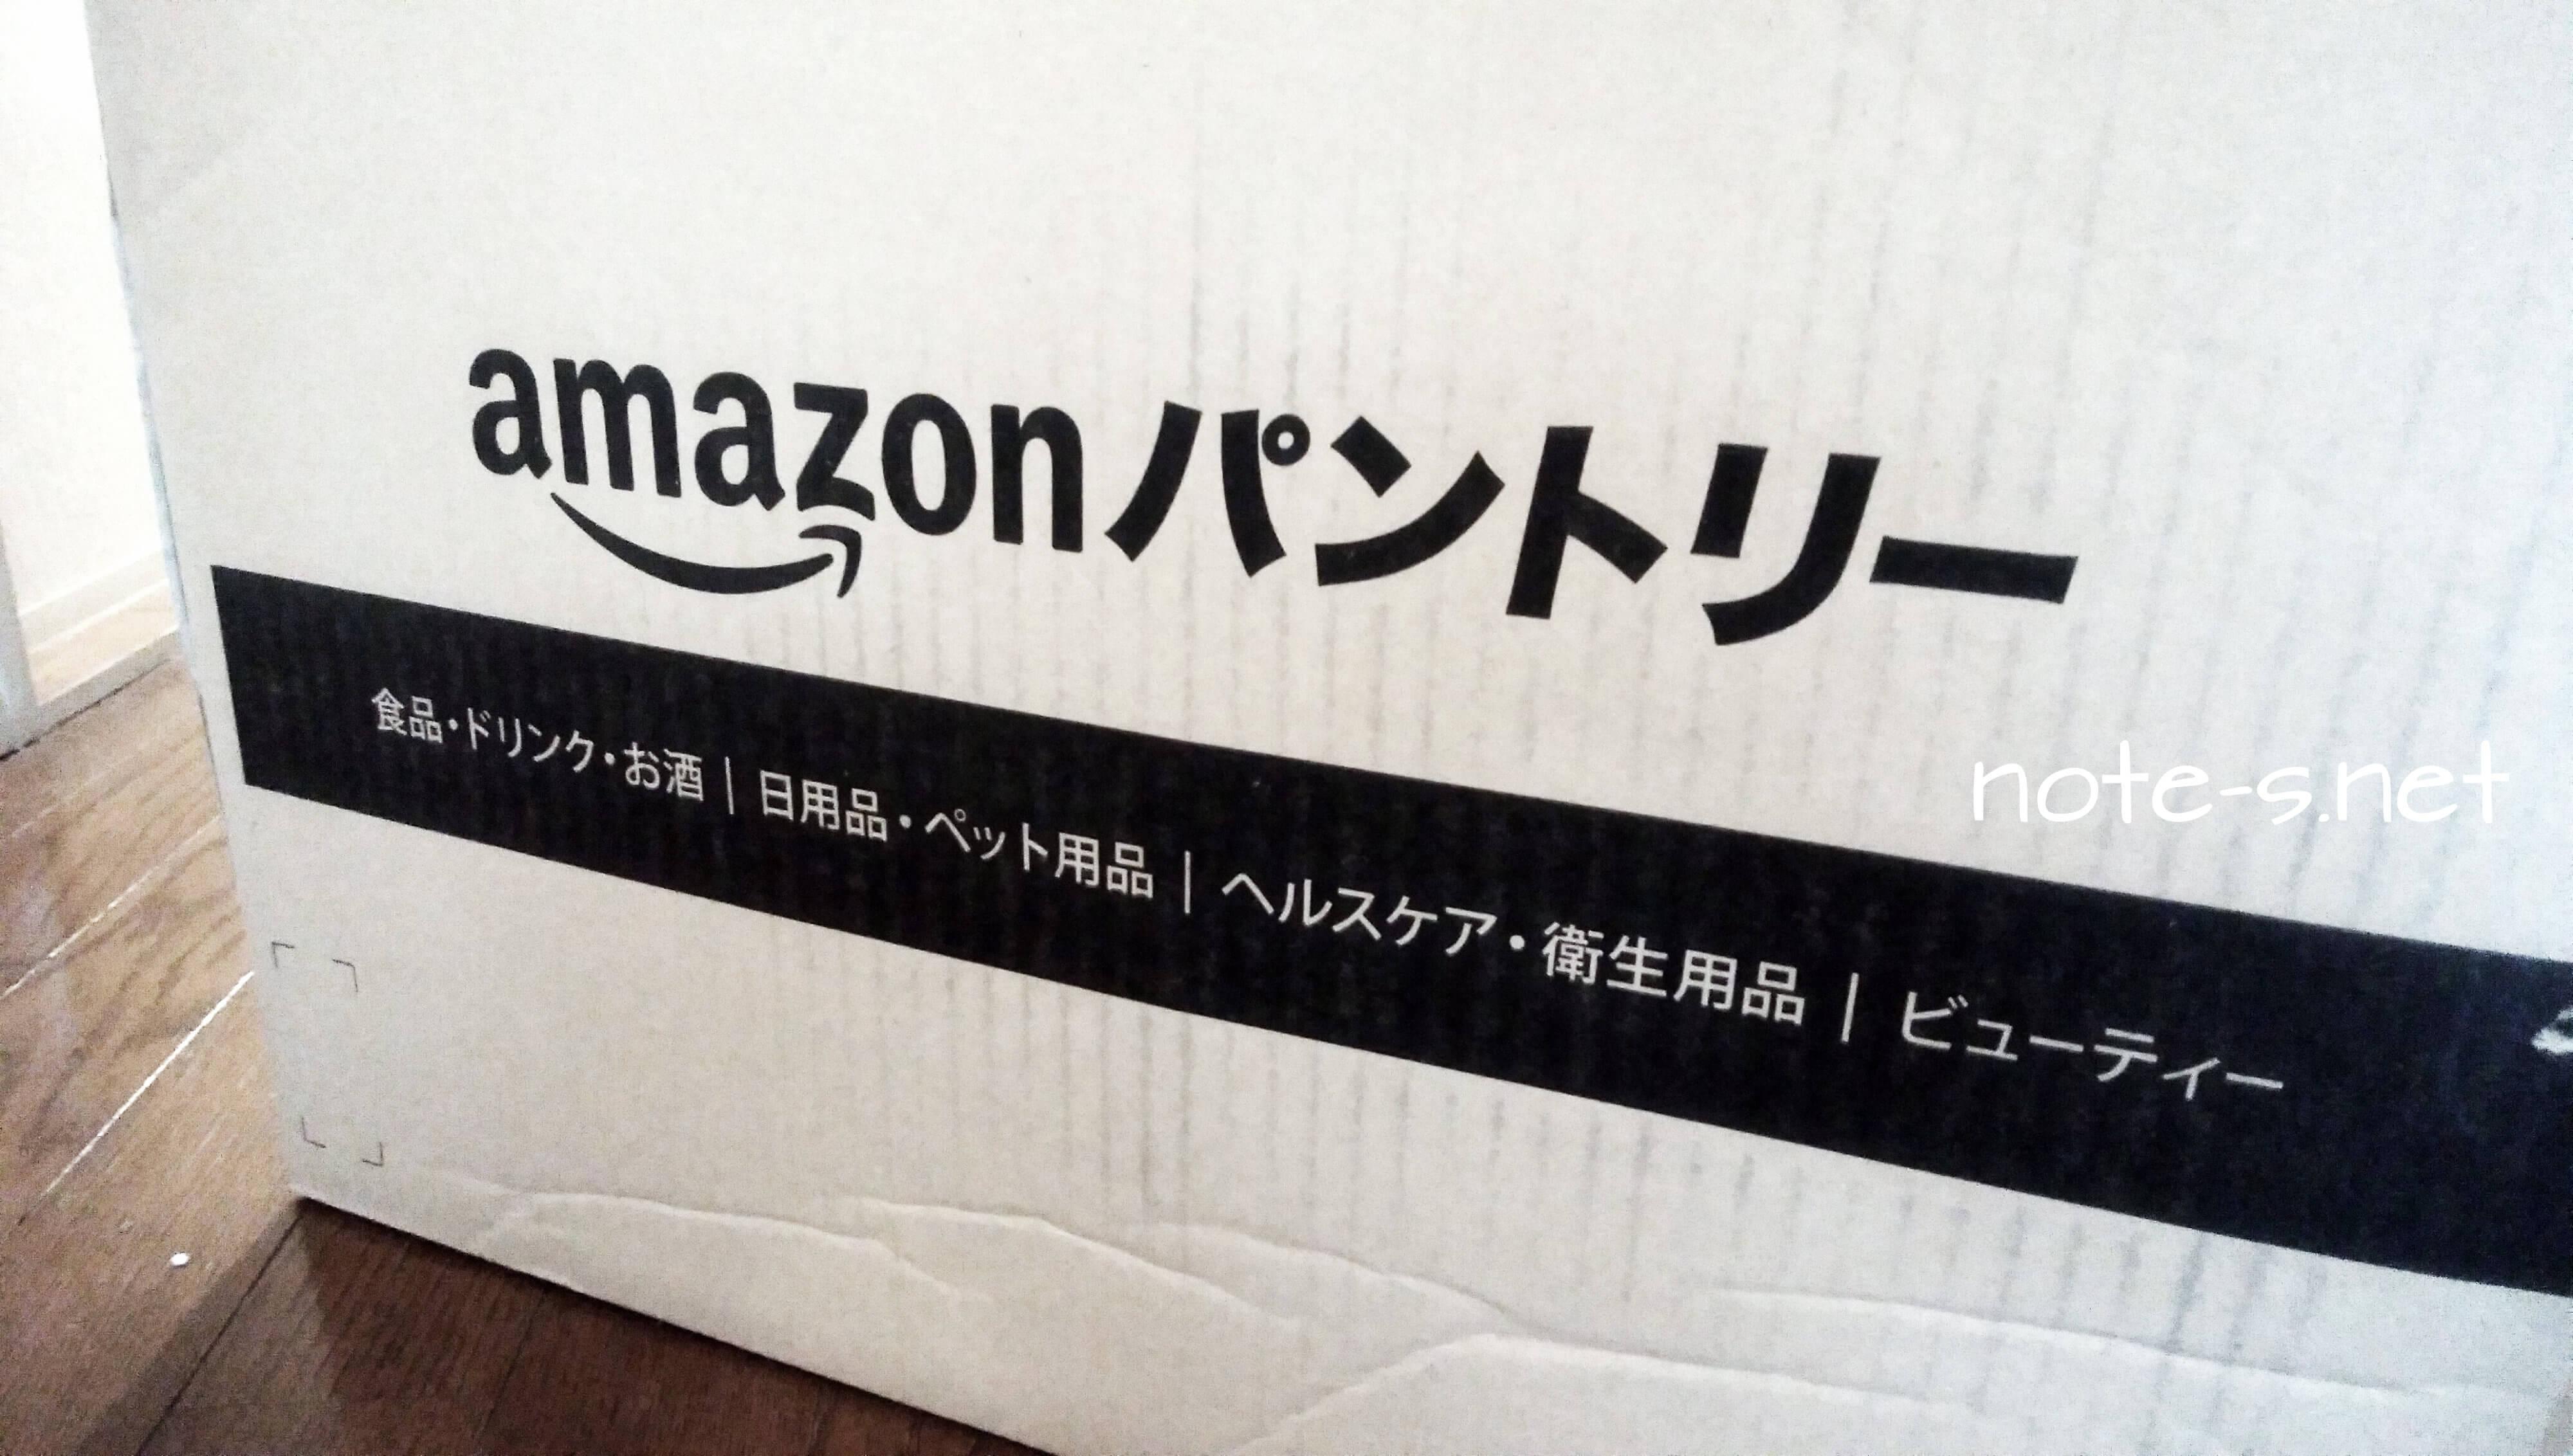 Amazonパントリー初利用!予想外に安くてビックリ